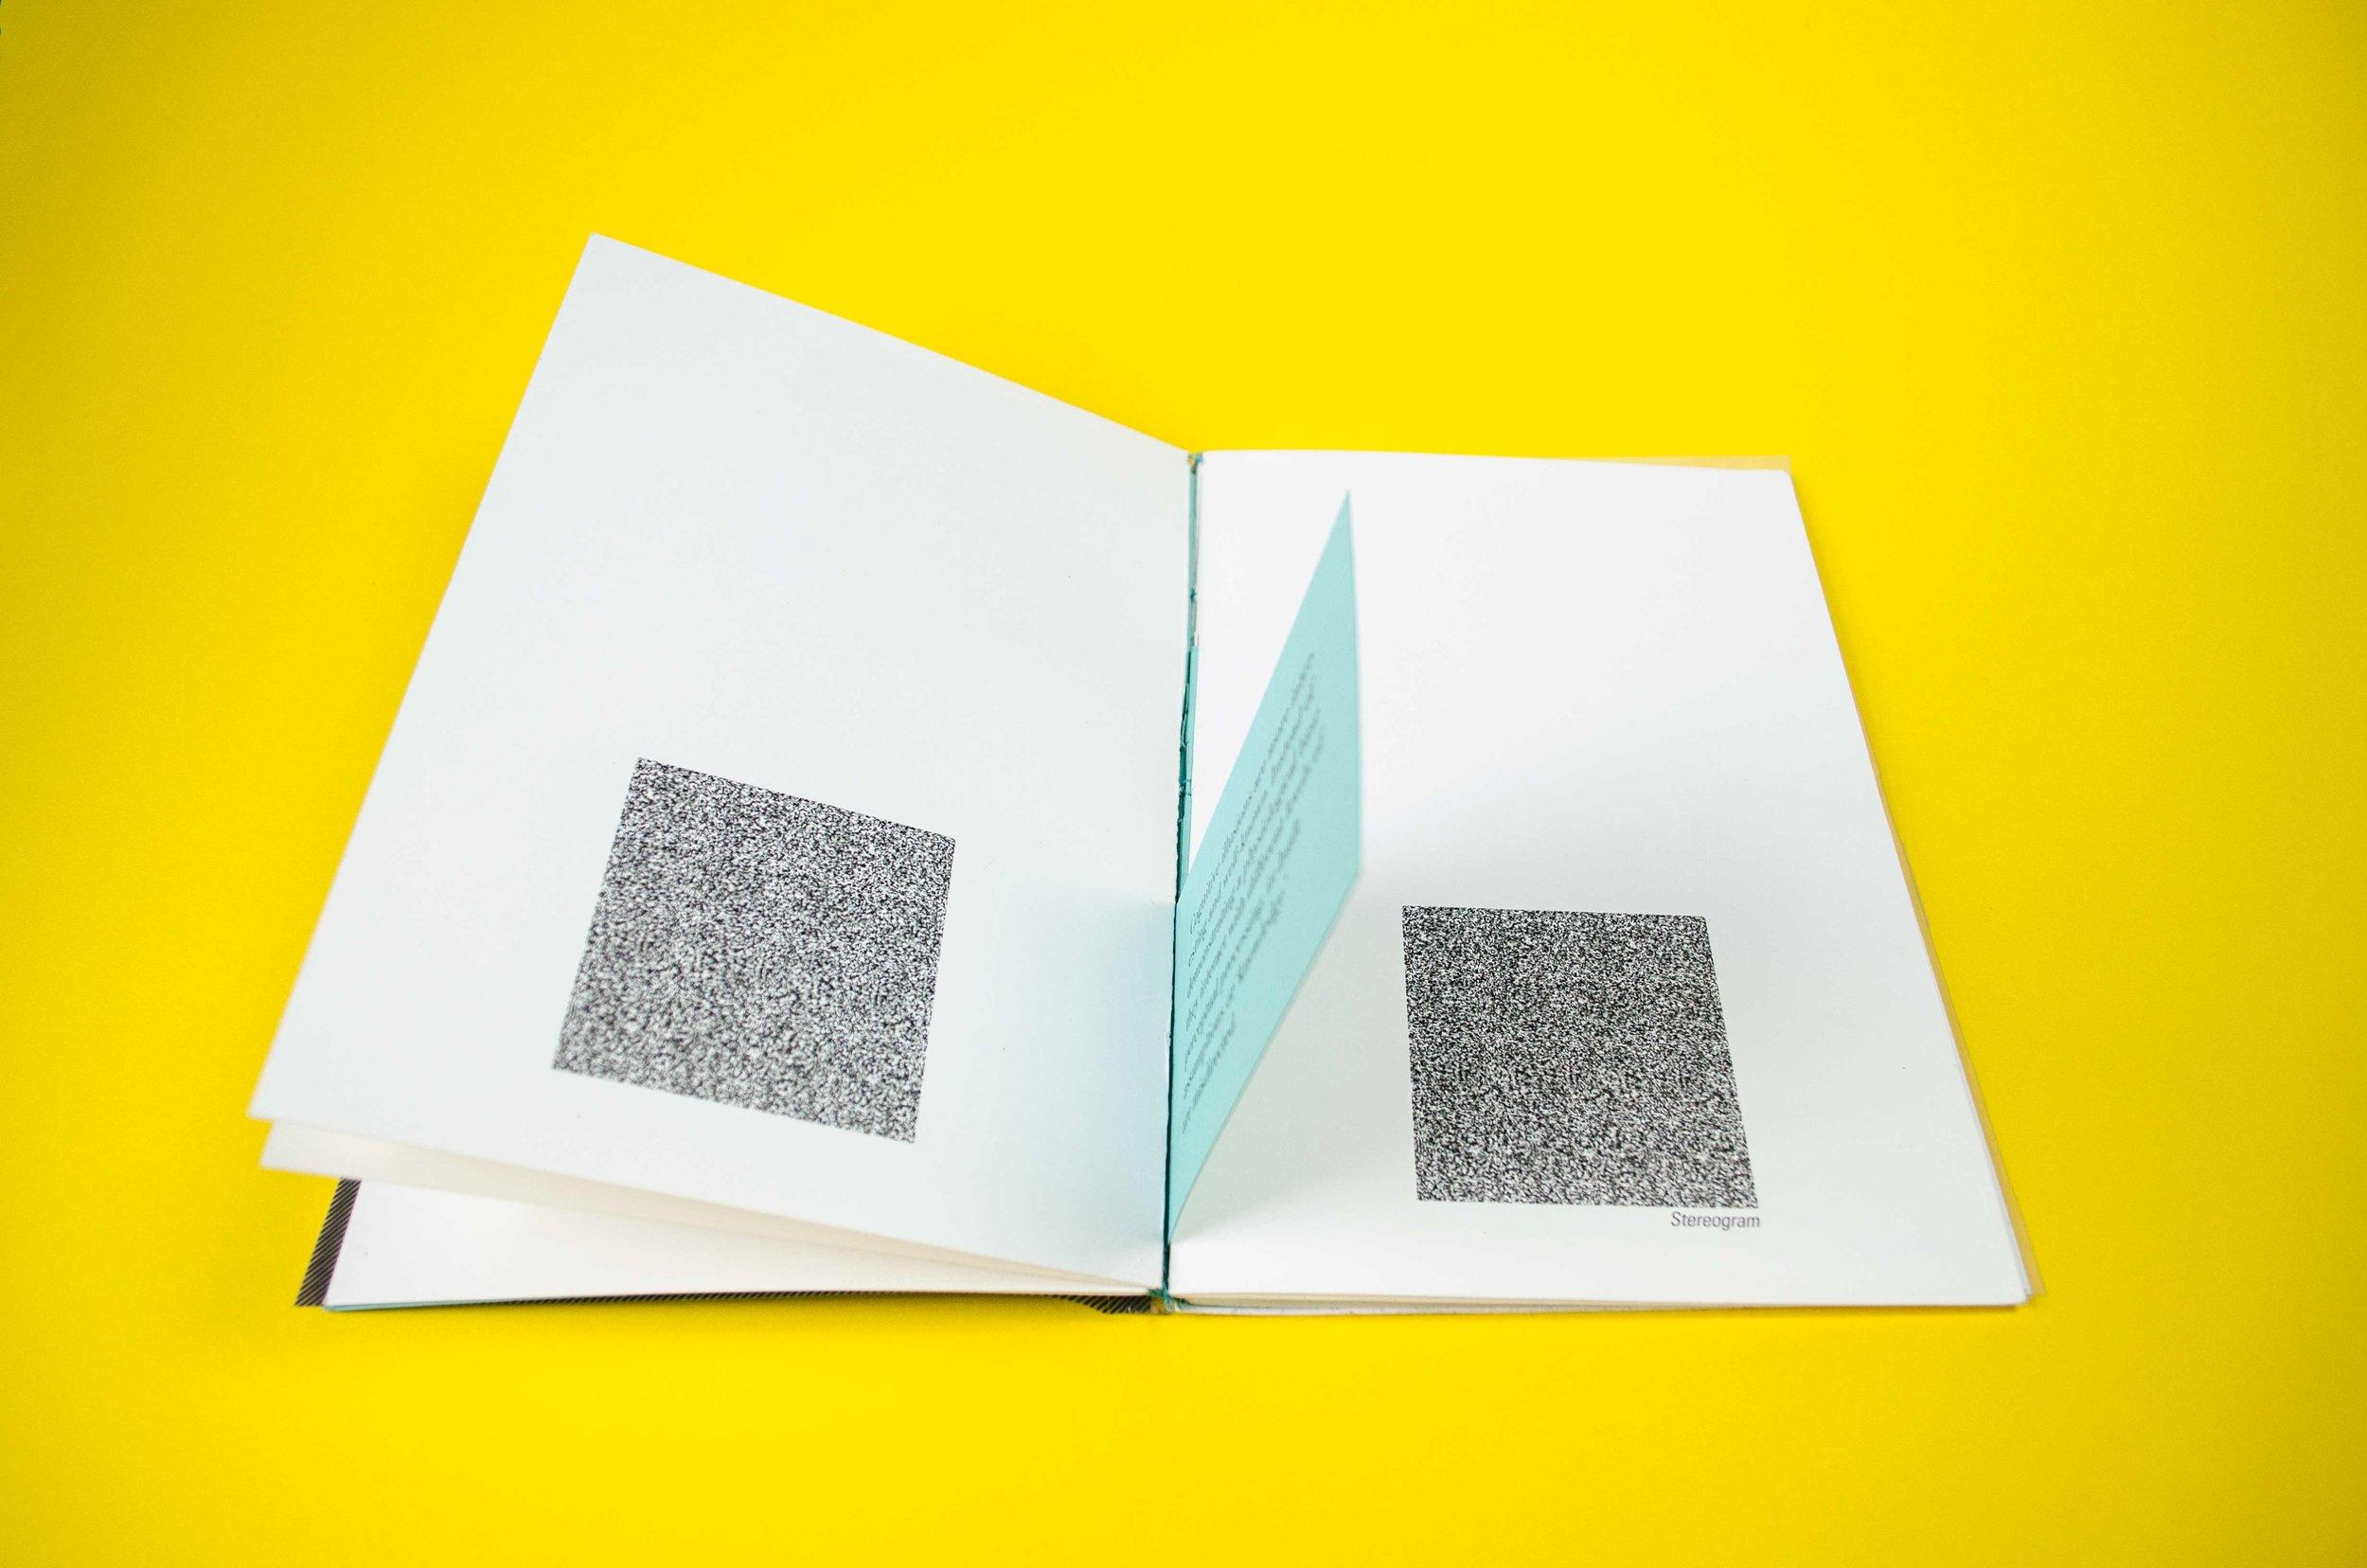 Illusion Zine by Julie Finn